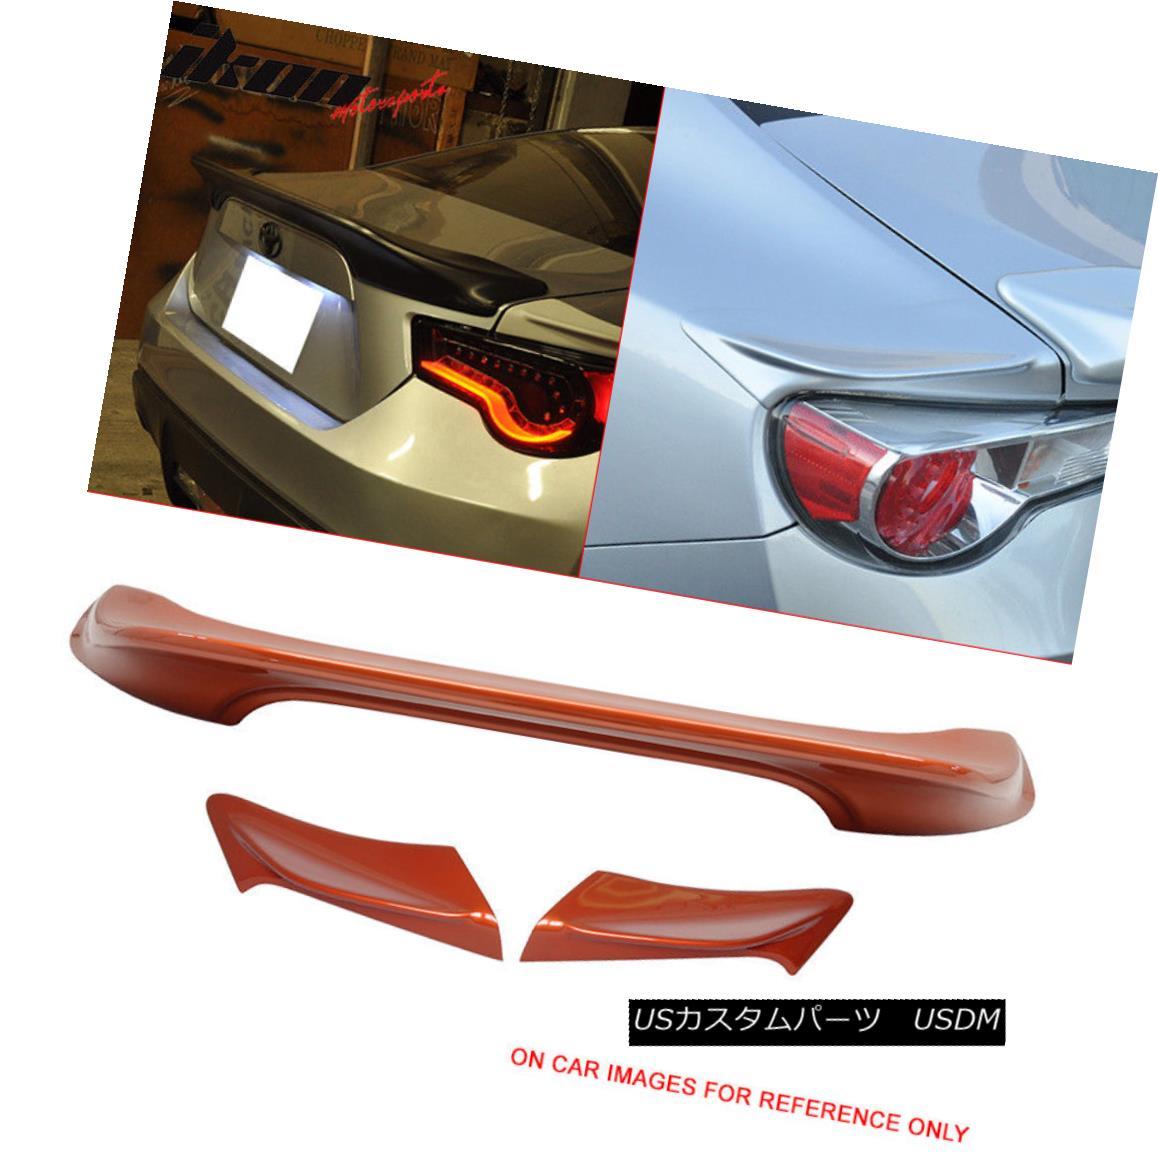 エアロパーツ Fits 13-17 FRS Painted #H8R Hot Lava Metallic TRD Trunk & Side Wing - ABS フィット13-17 FRS塗装#H8Rホット溶岩メタリックTRDトランク& サイドウィング - ABS